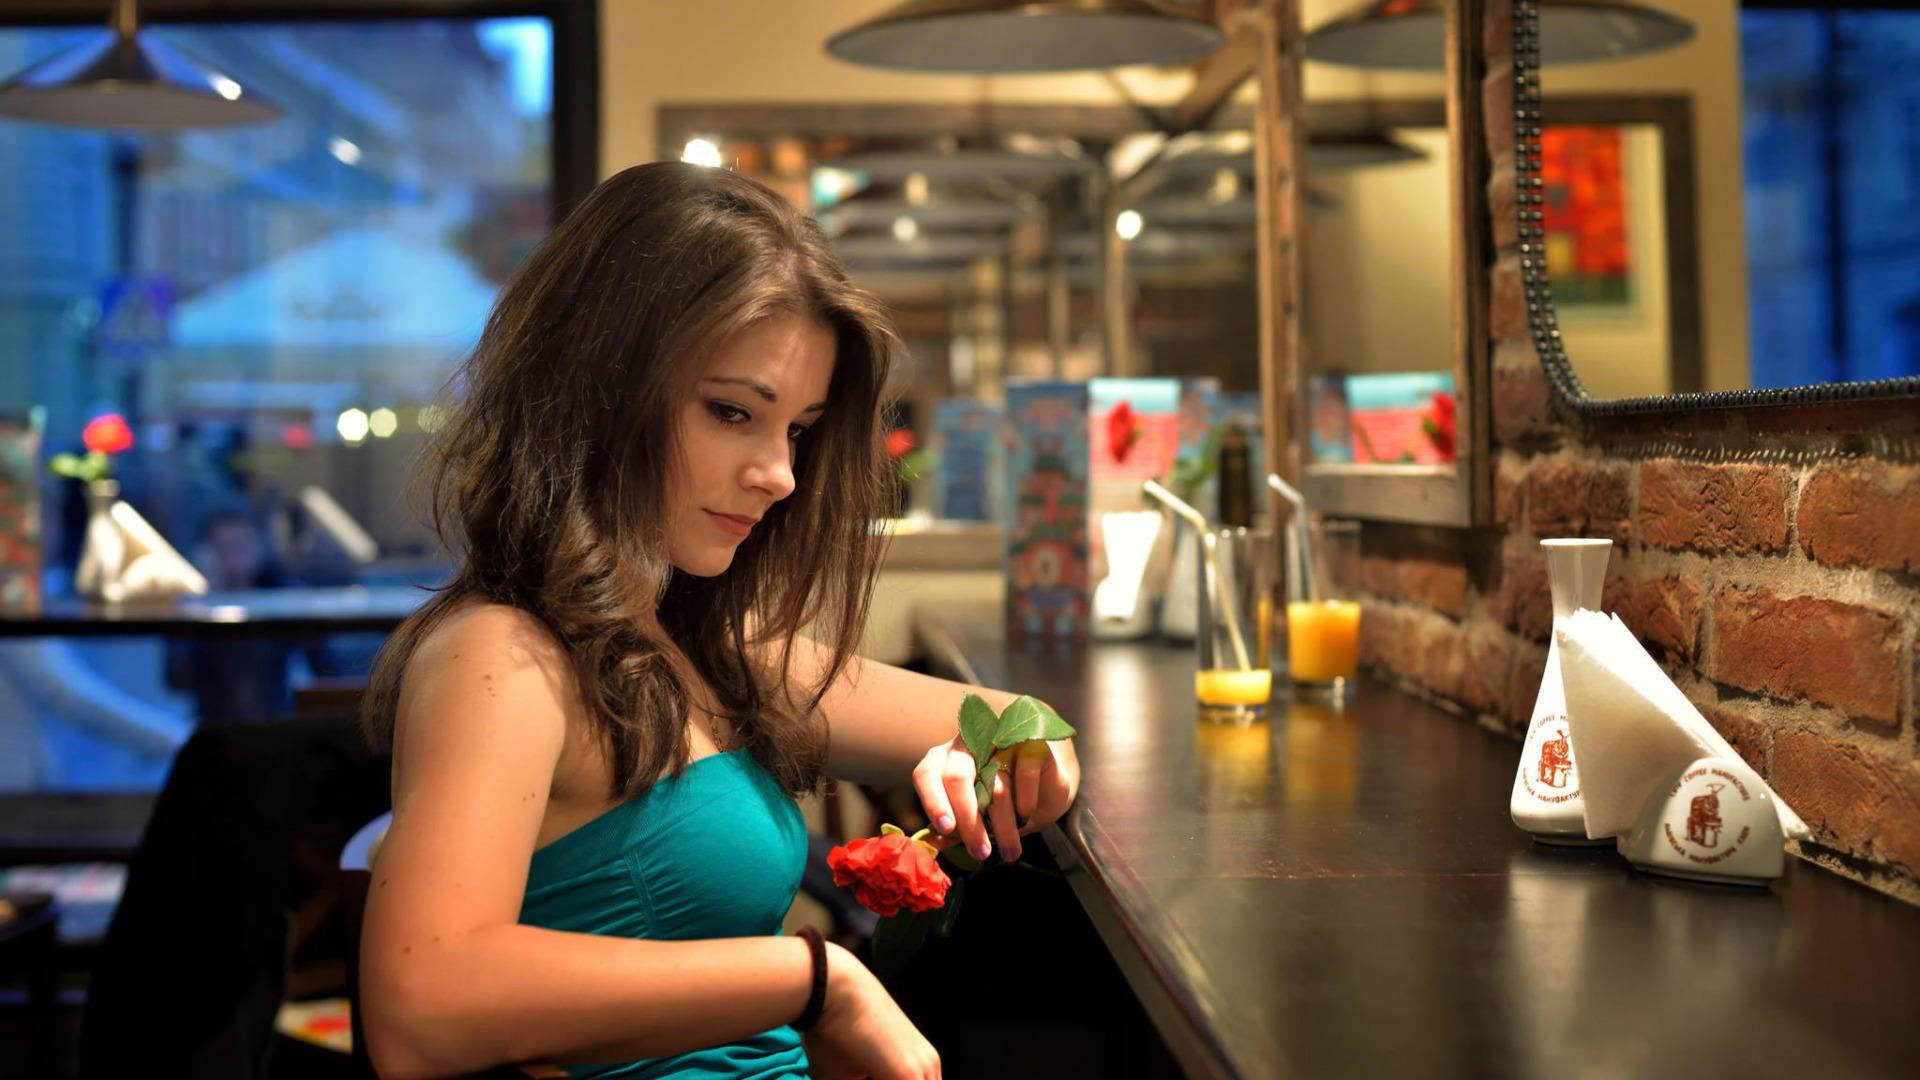 Фото русских девушек в кафе